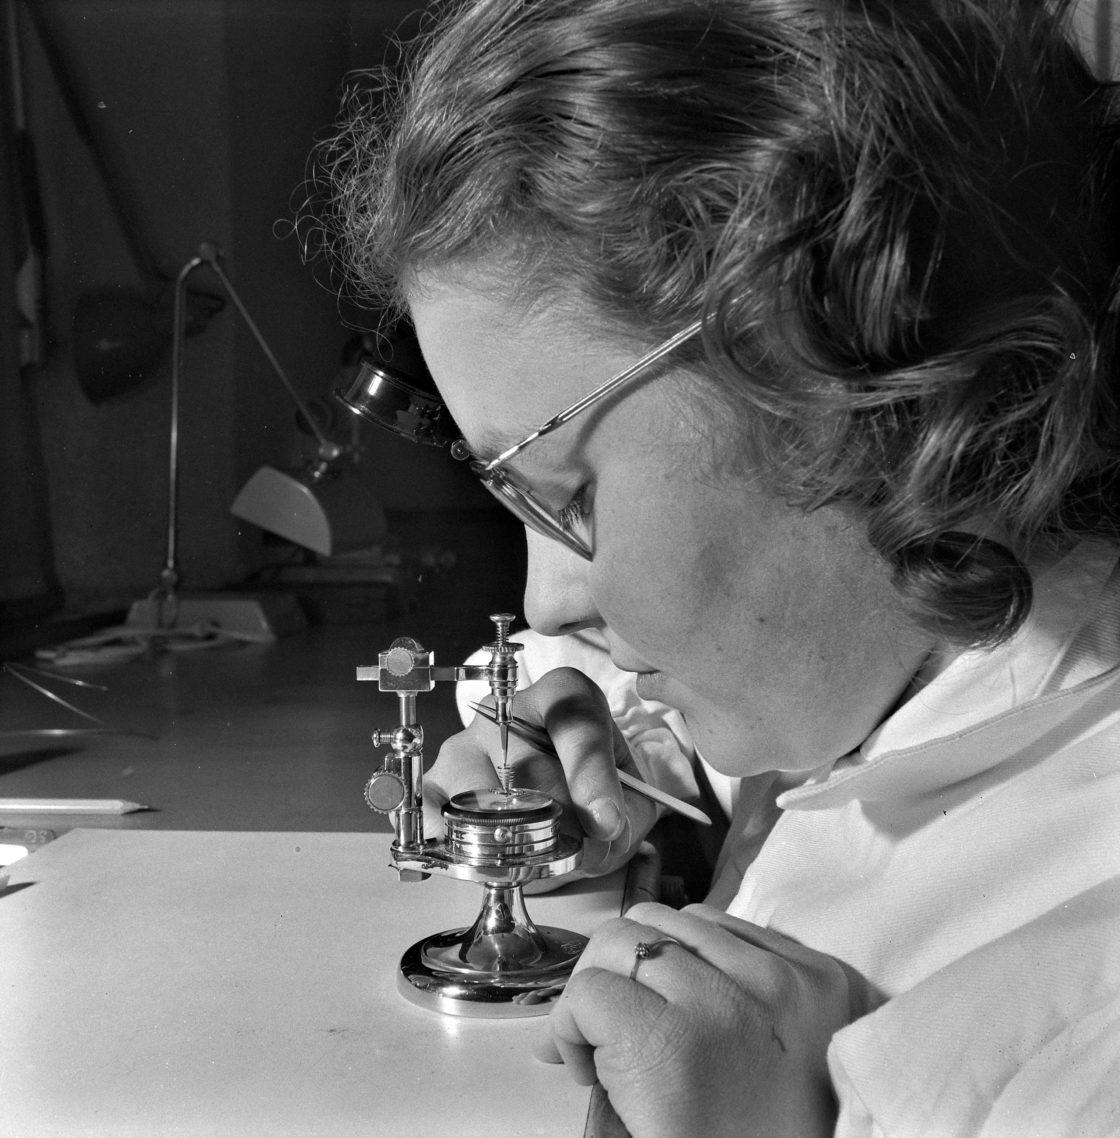 Atelier d'horlogerie: apprenti et apprentie, 1959. © musée national suisse